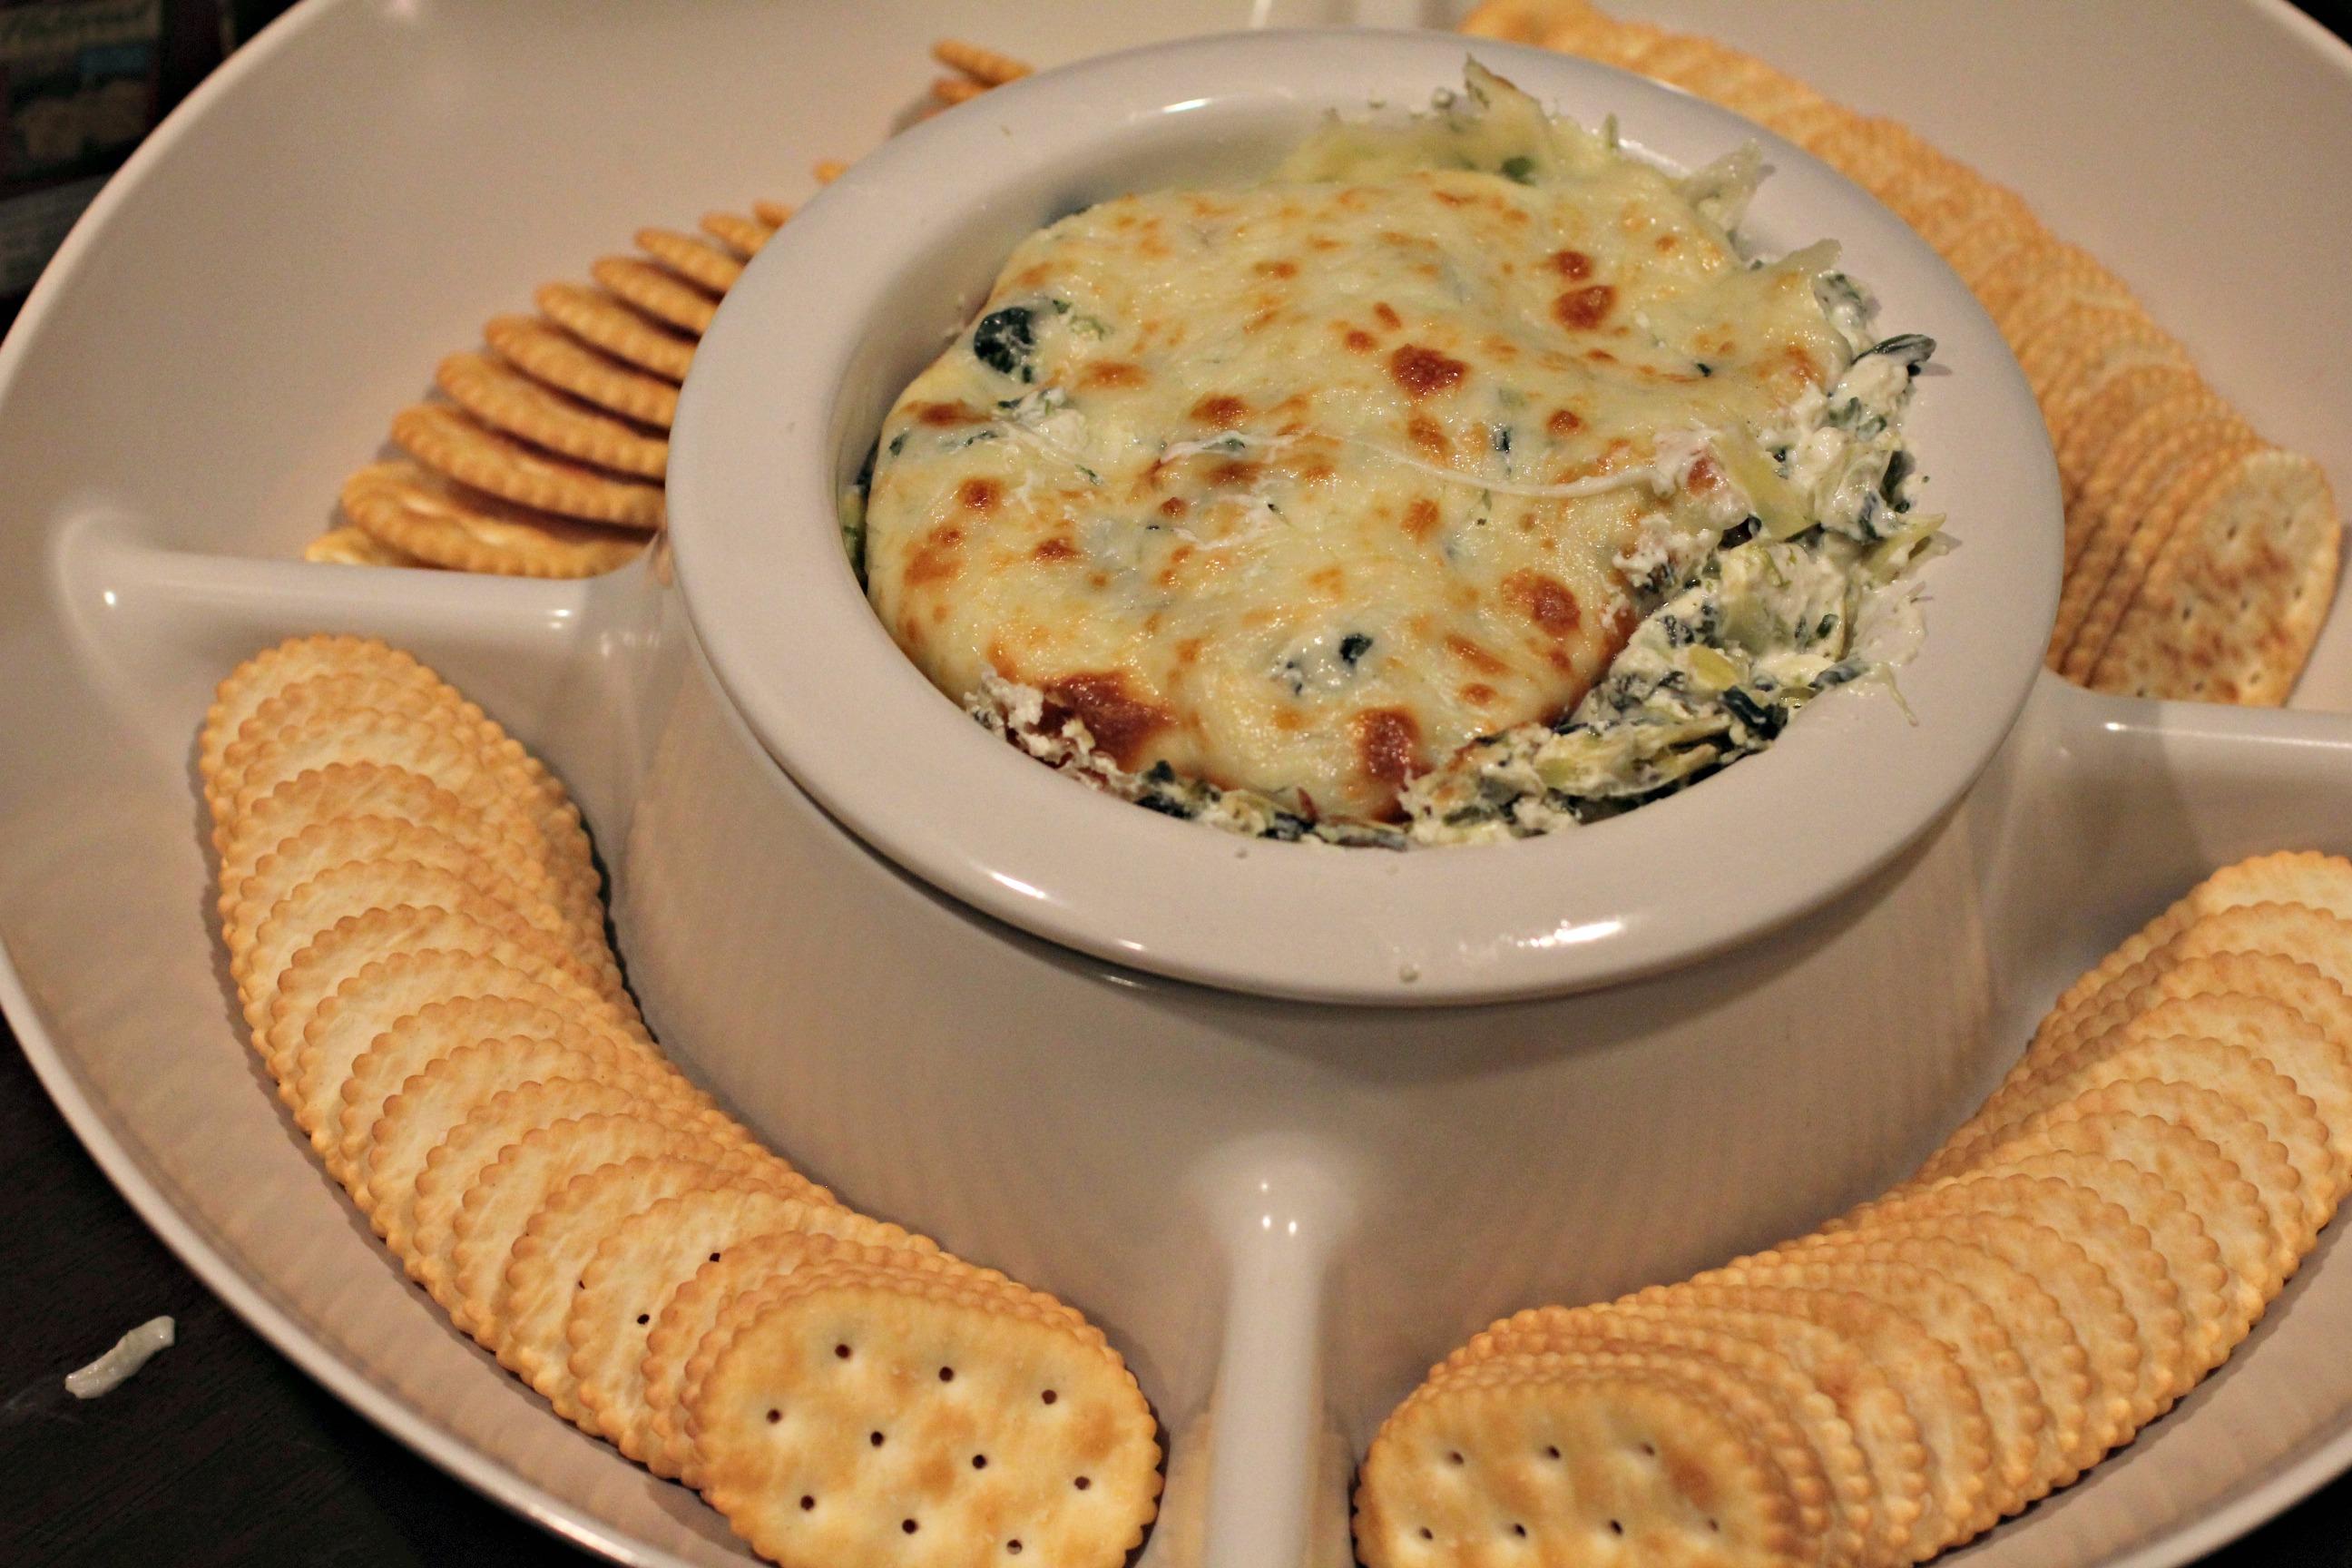 Spinach & Artichoke Dip 2